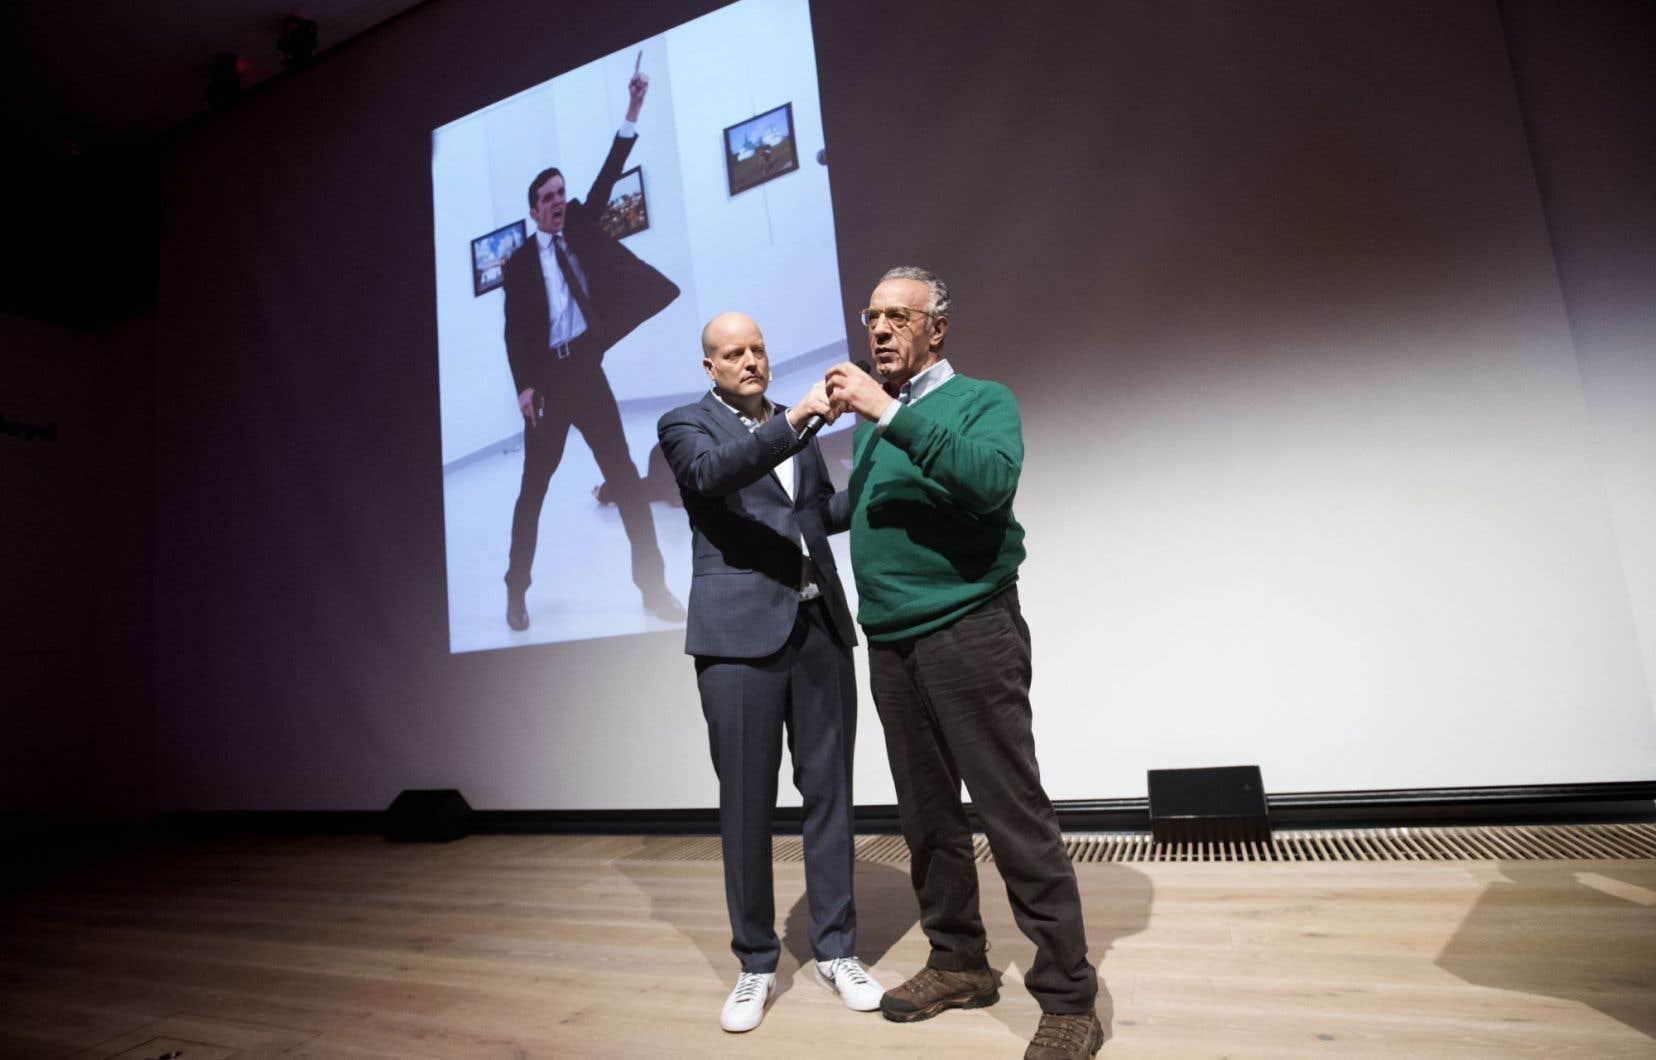 Le photographe turc Burhan Ozbilici (à droite), devant la photo gagnante.